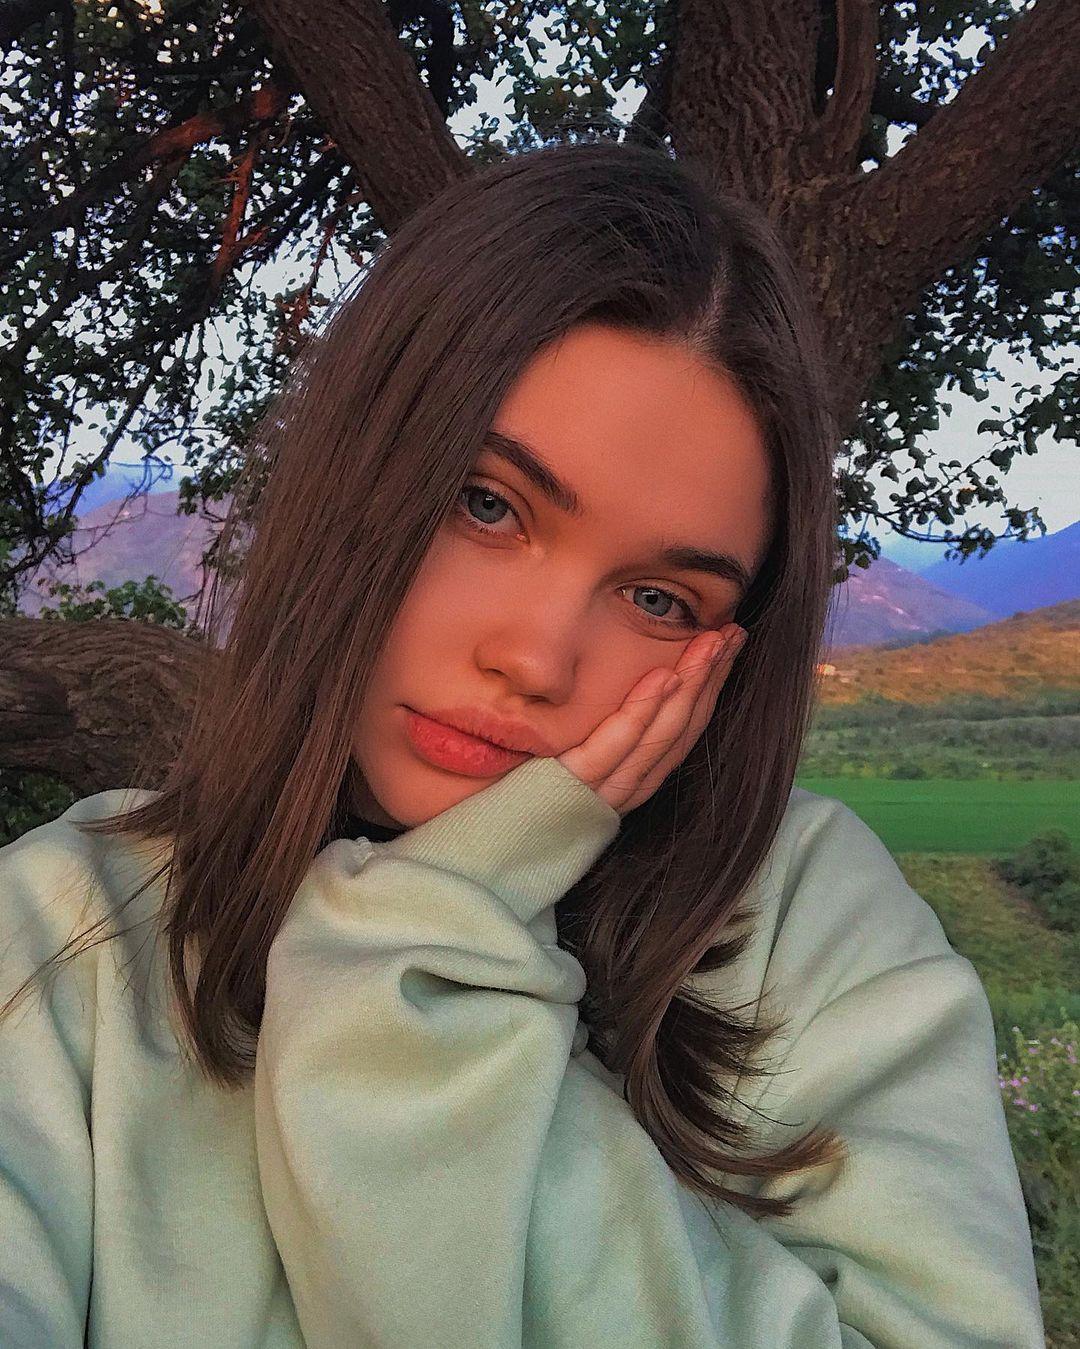 Eliza-Kayudina-Wallpapers-Insta-Fit-Bio-6